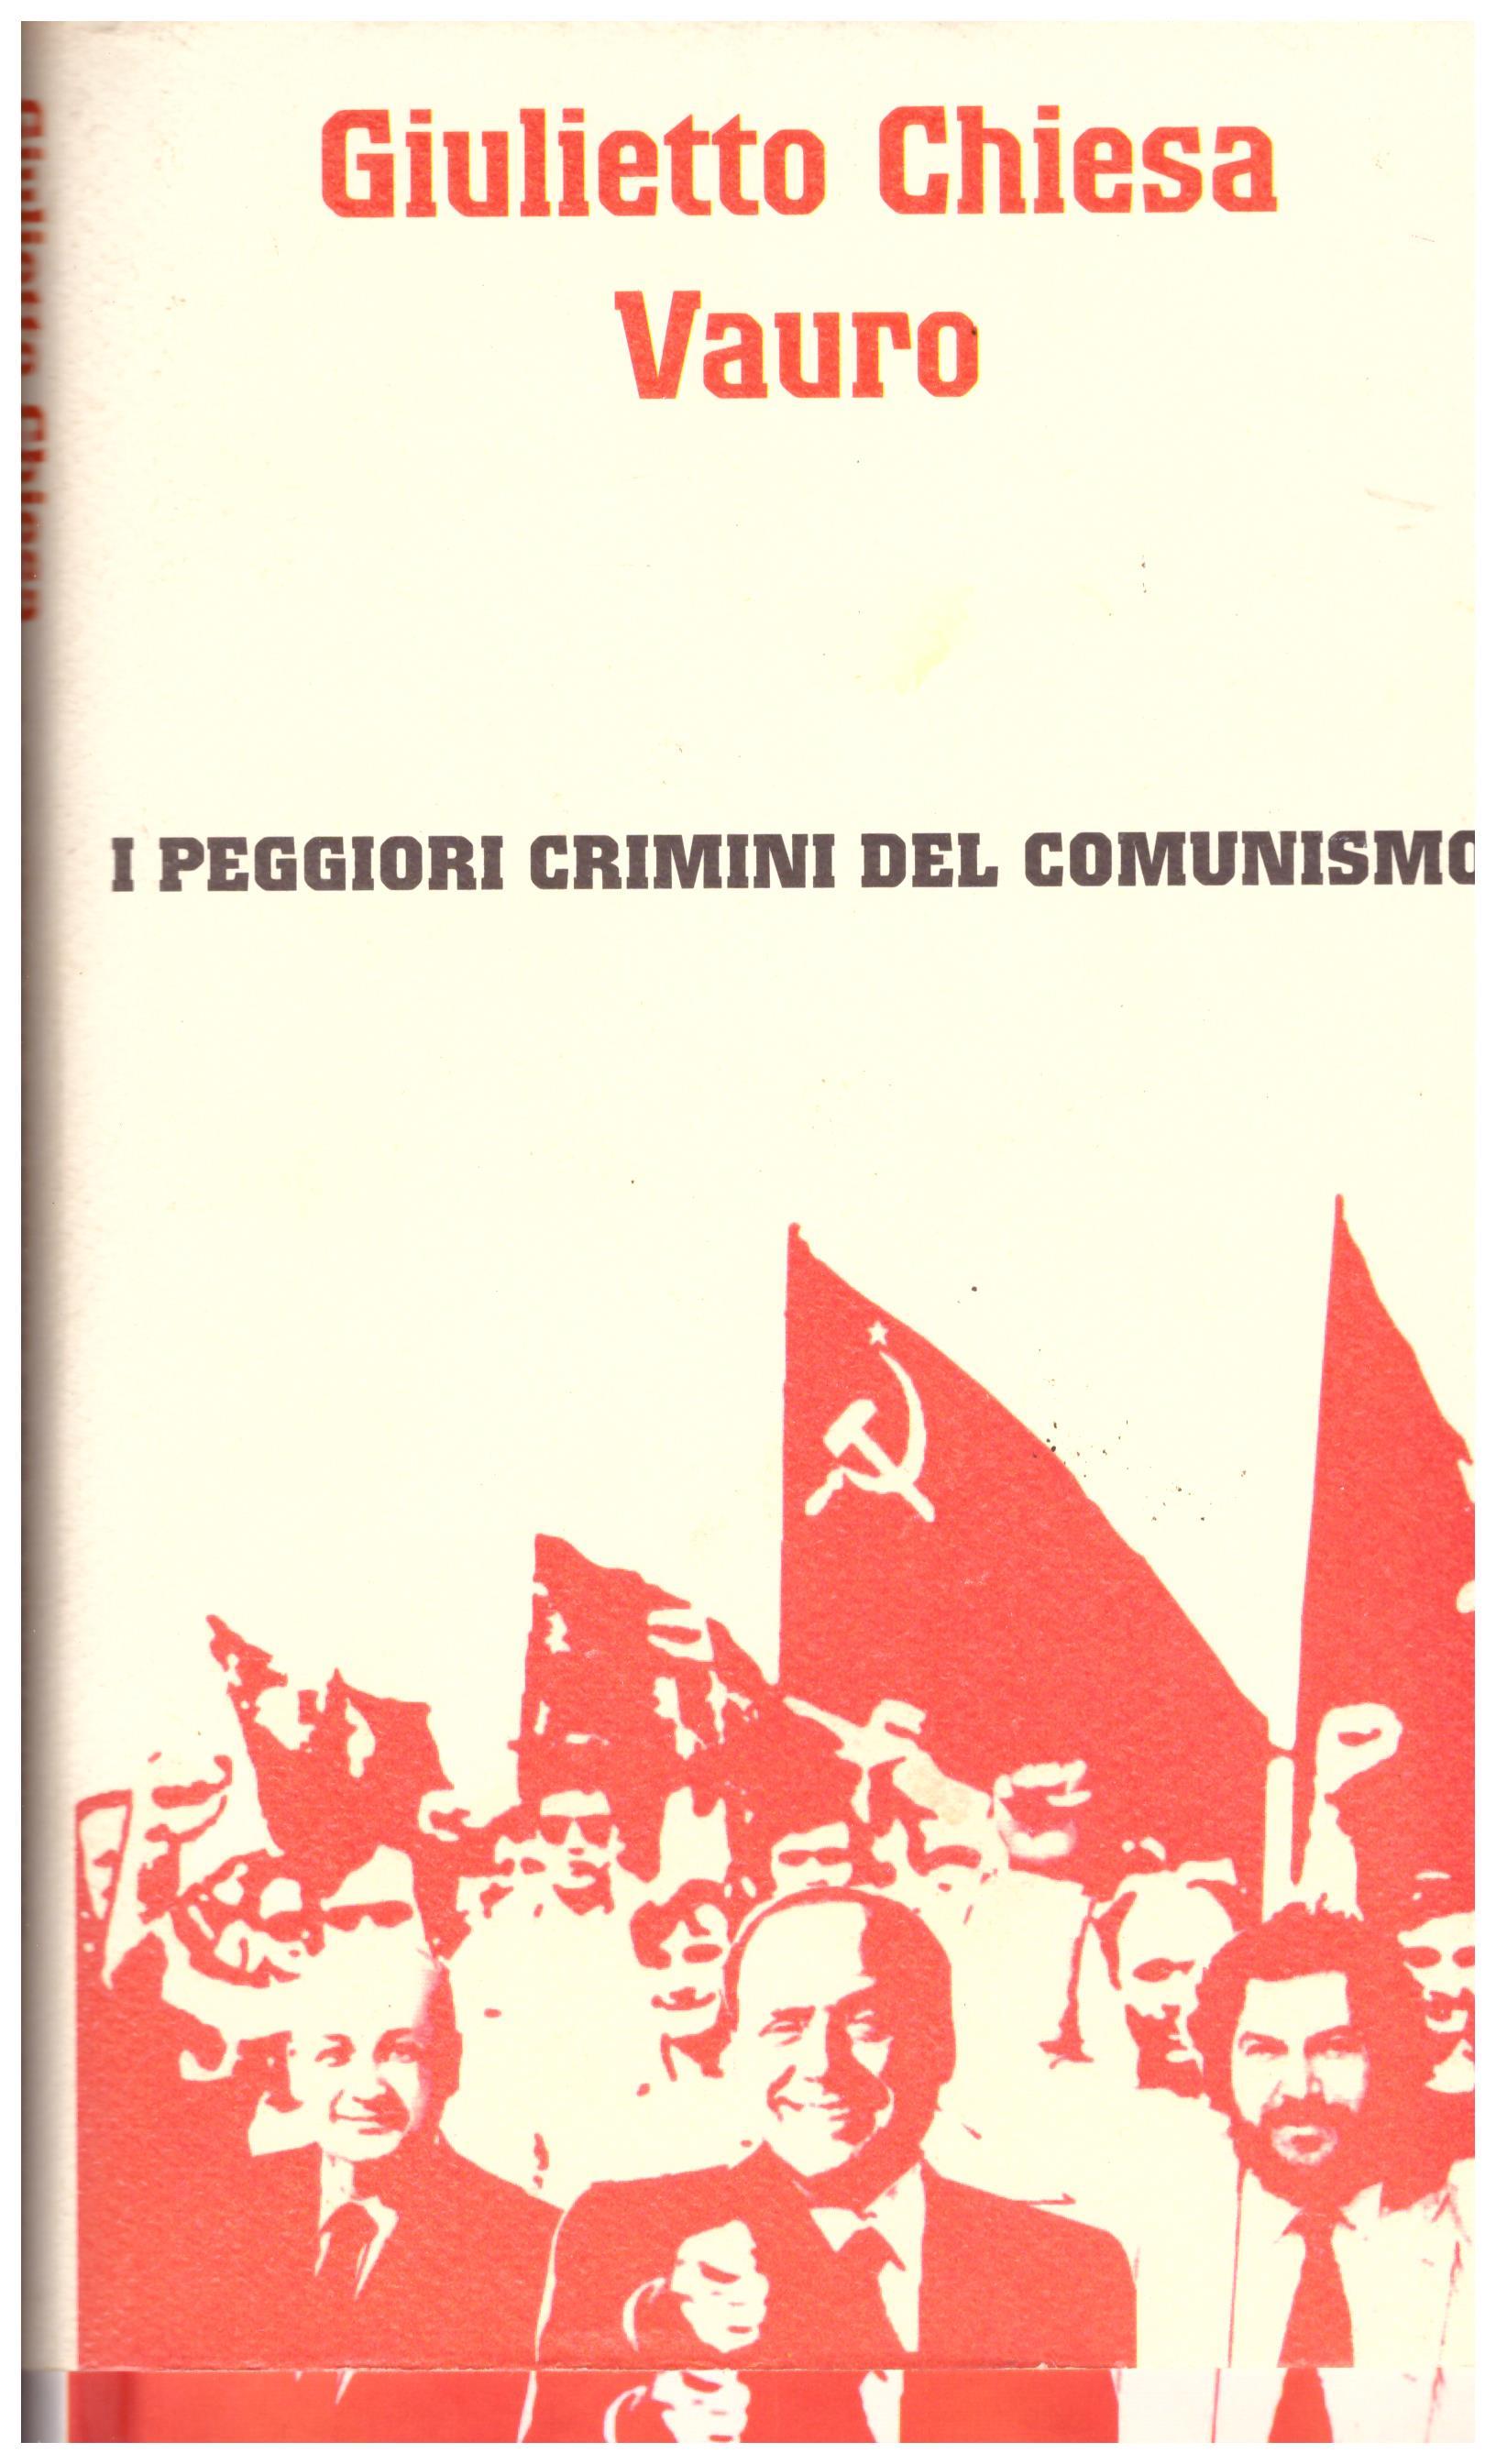 Titolo: I peggiori crimini del comunismo Autore: Giulietto Chiesa, Vauro Editore: Piemme, 2004